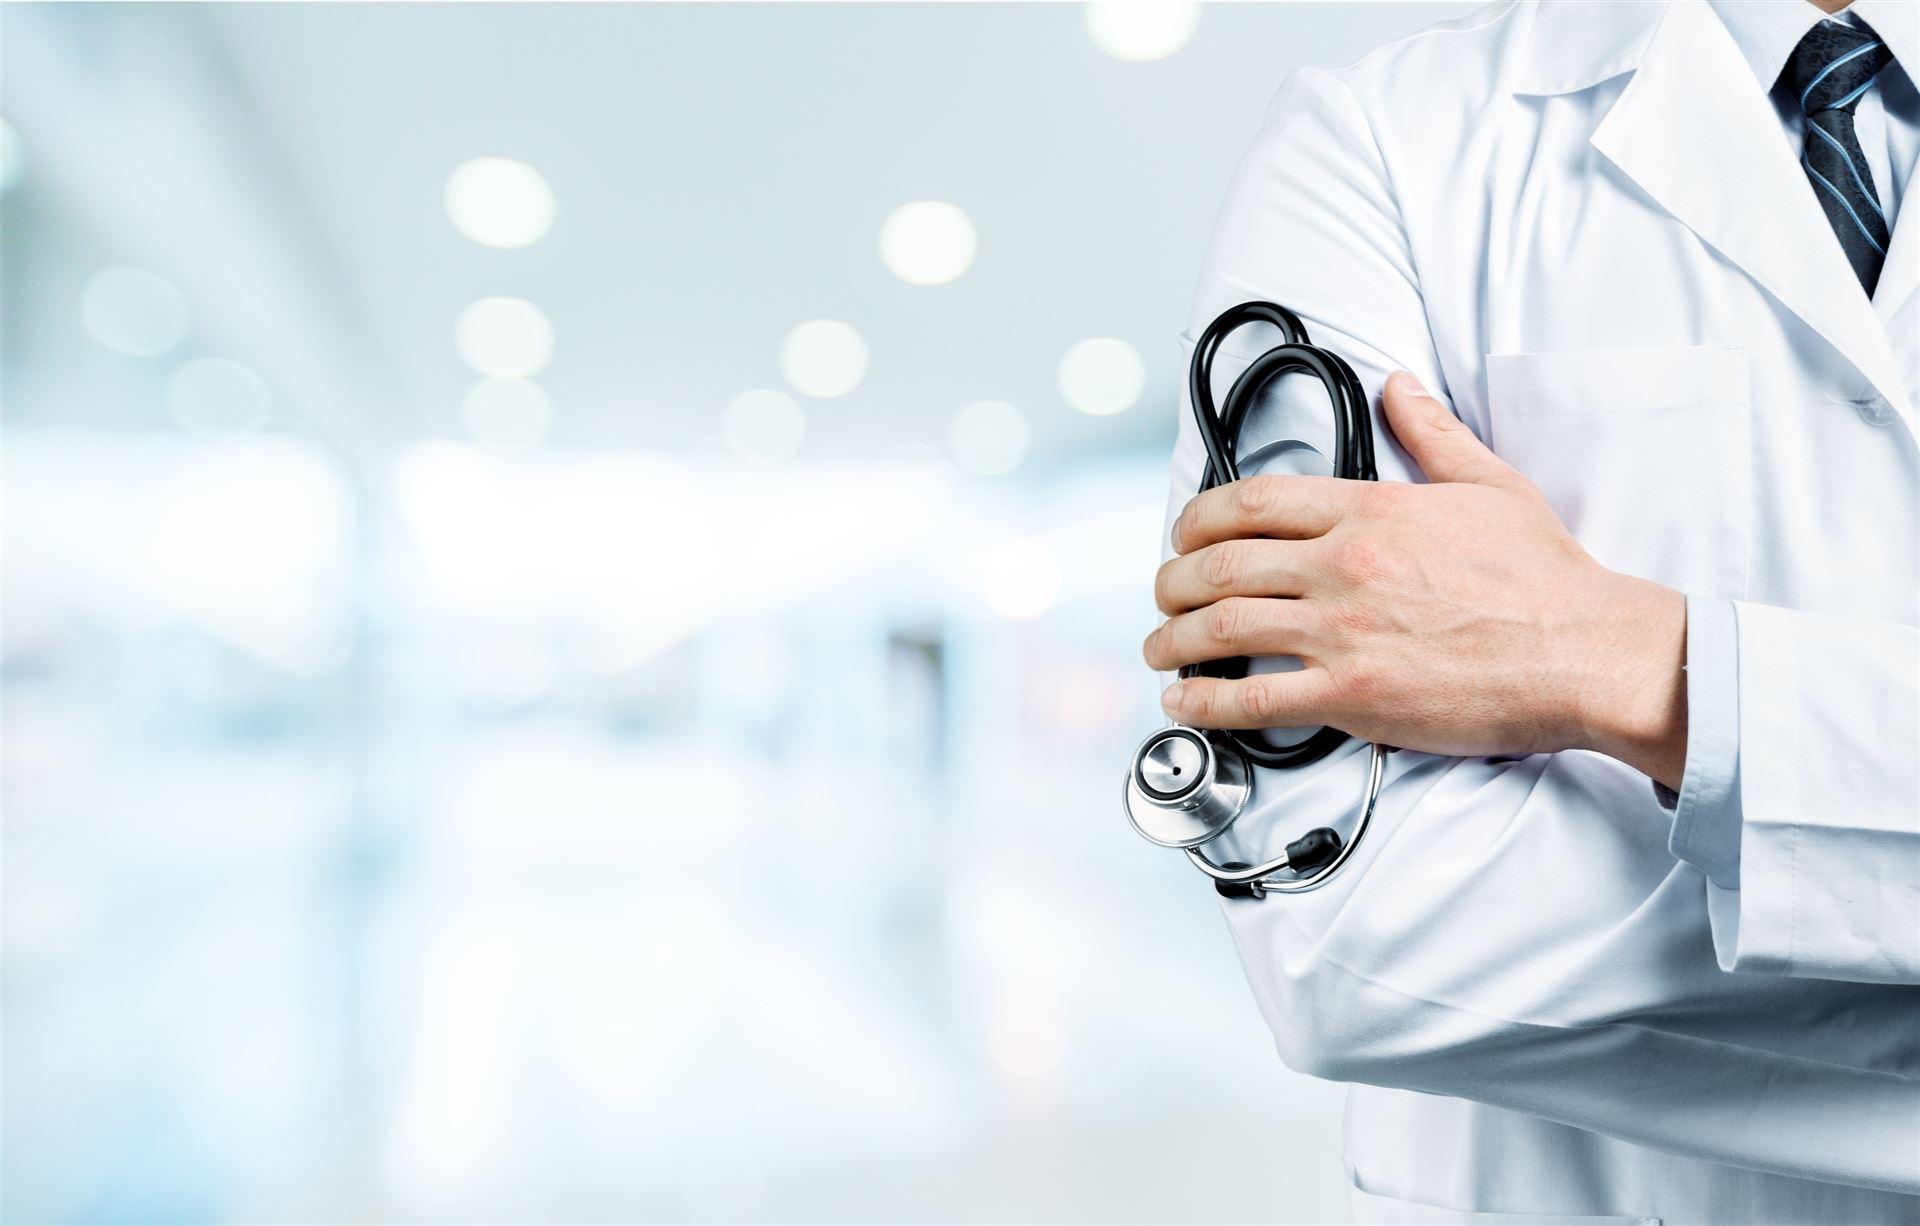 Zespół jelita drażliwego najczęstsza choroba przewodu pokarmowego